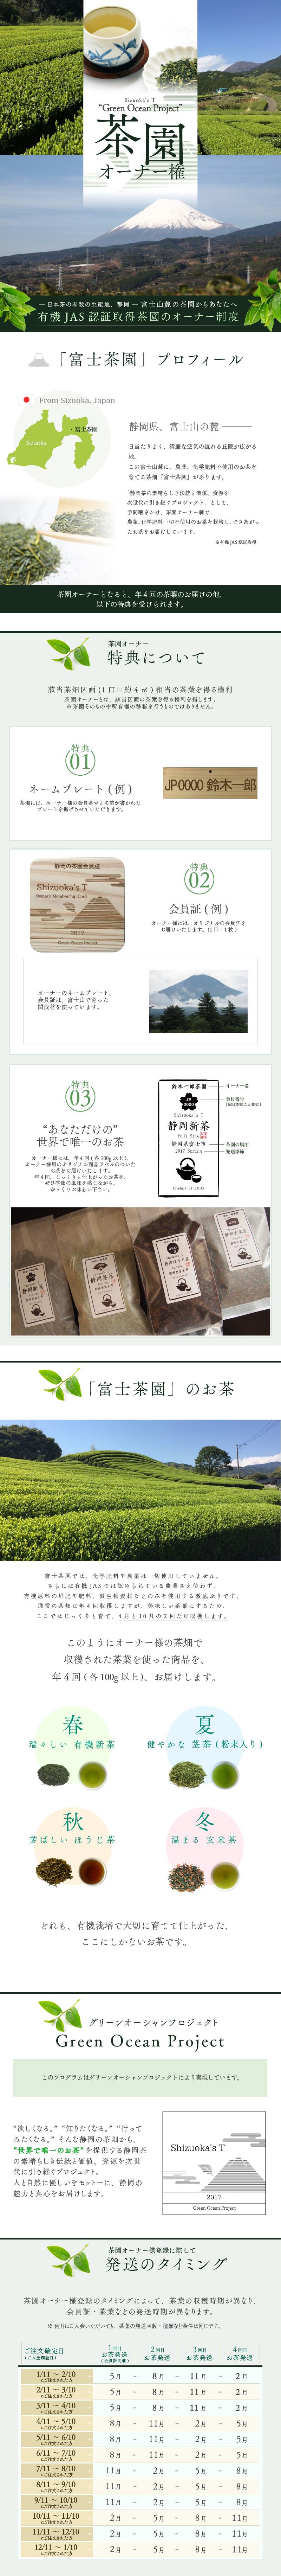 有機茶園オーナー権【Green Ocean Project】〔季節の茶葉100g以上×4〕